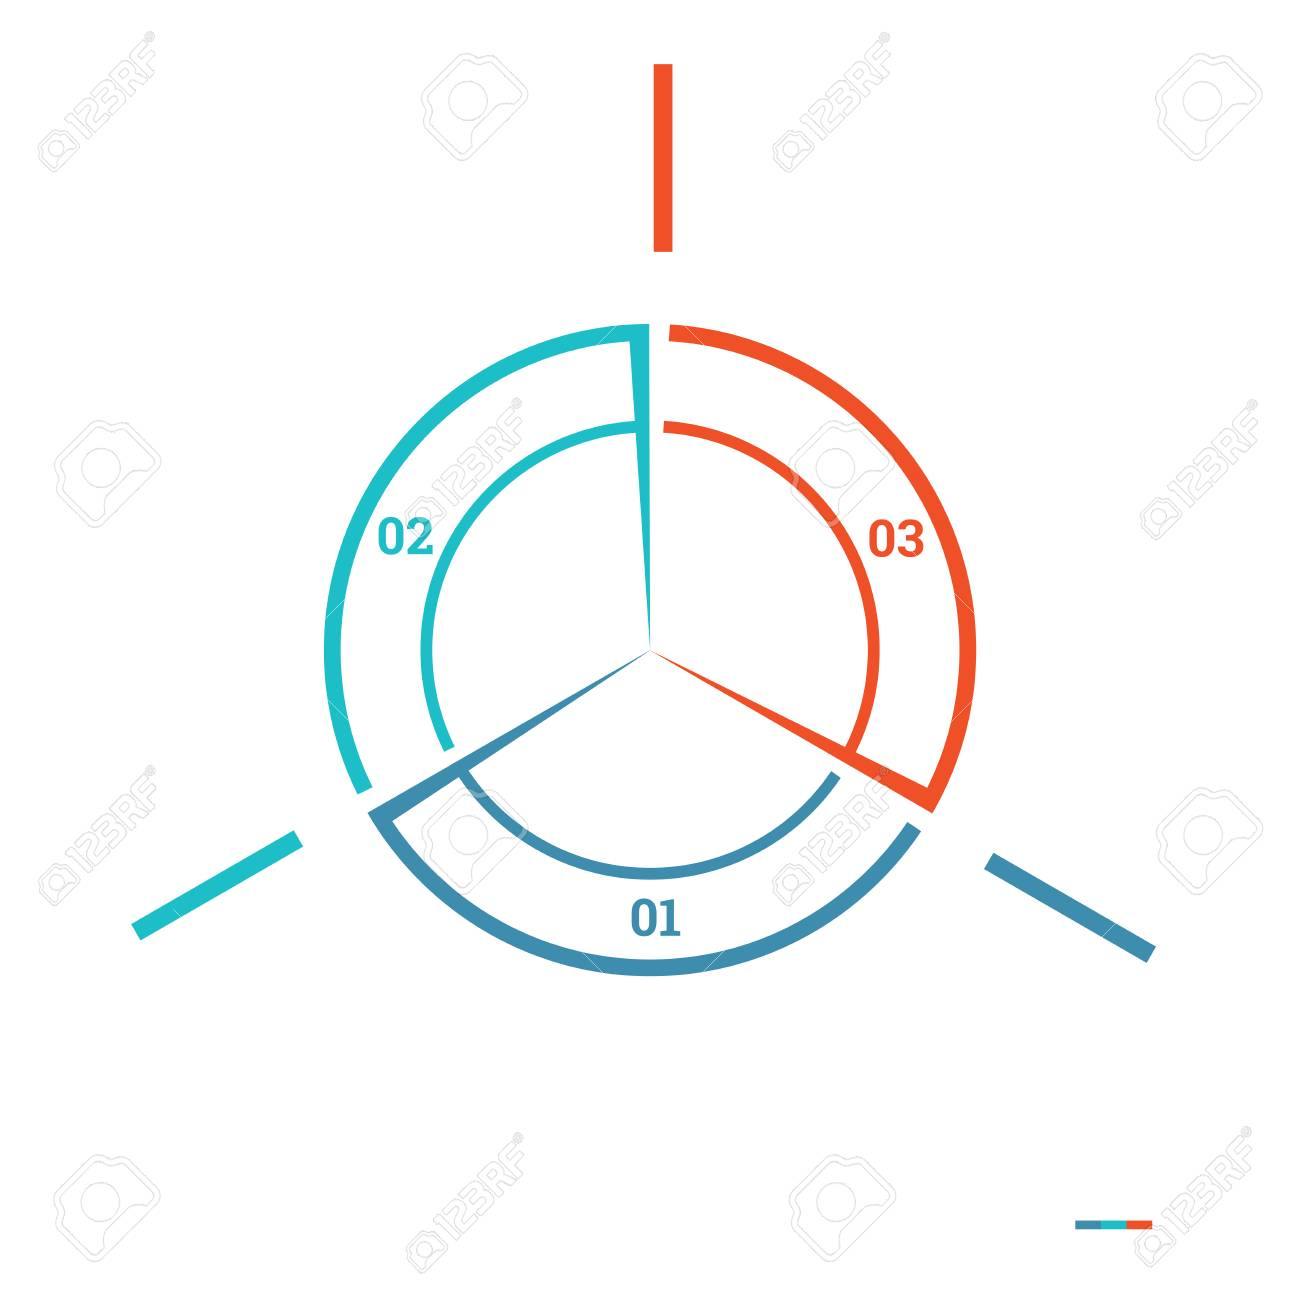 Chart Template   Infografik Pie Chart Template Bunten Kreis Von Linien Mit